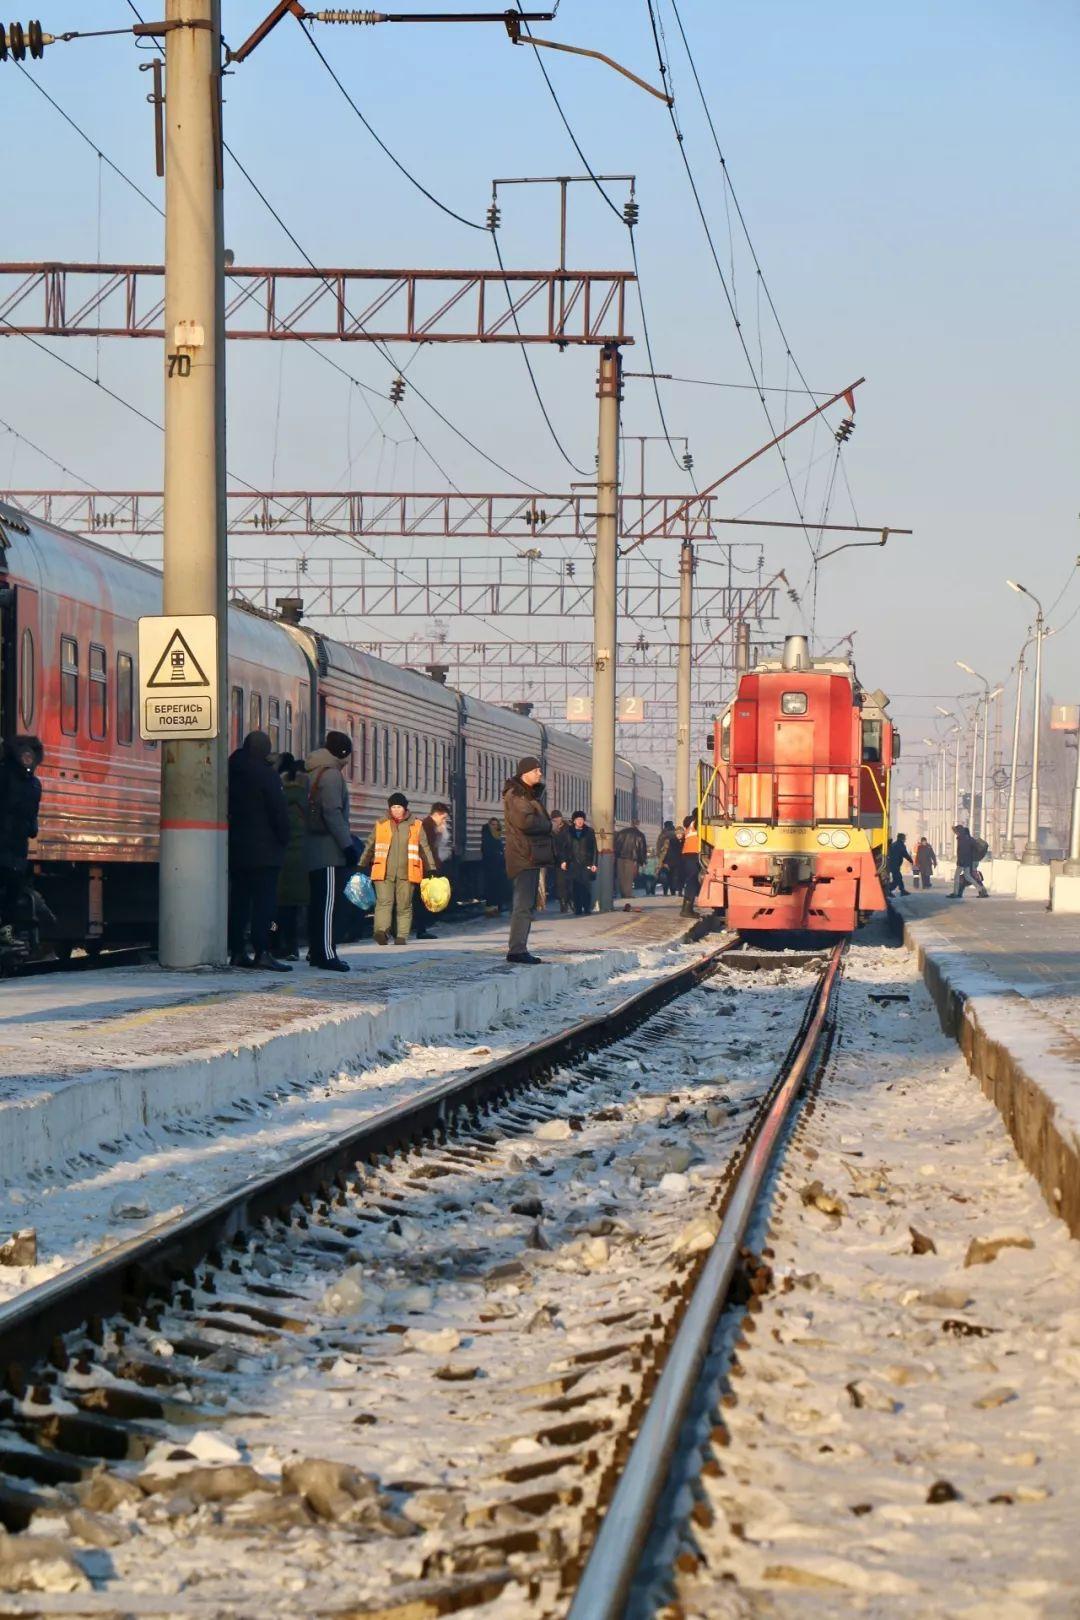 坐火车穿越西伯利亚 | 荐书